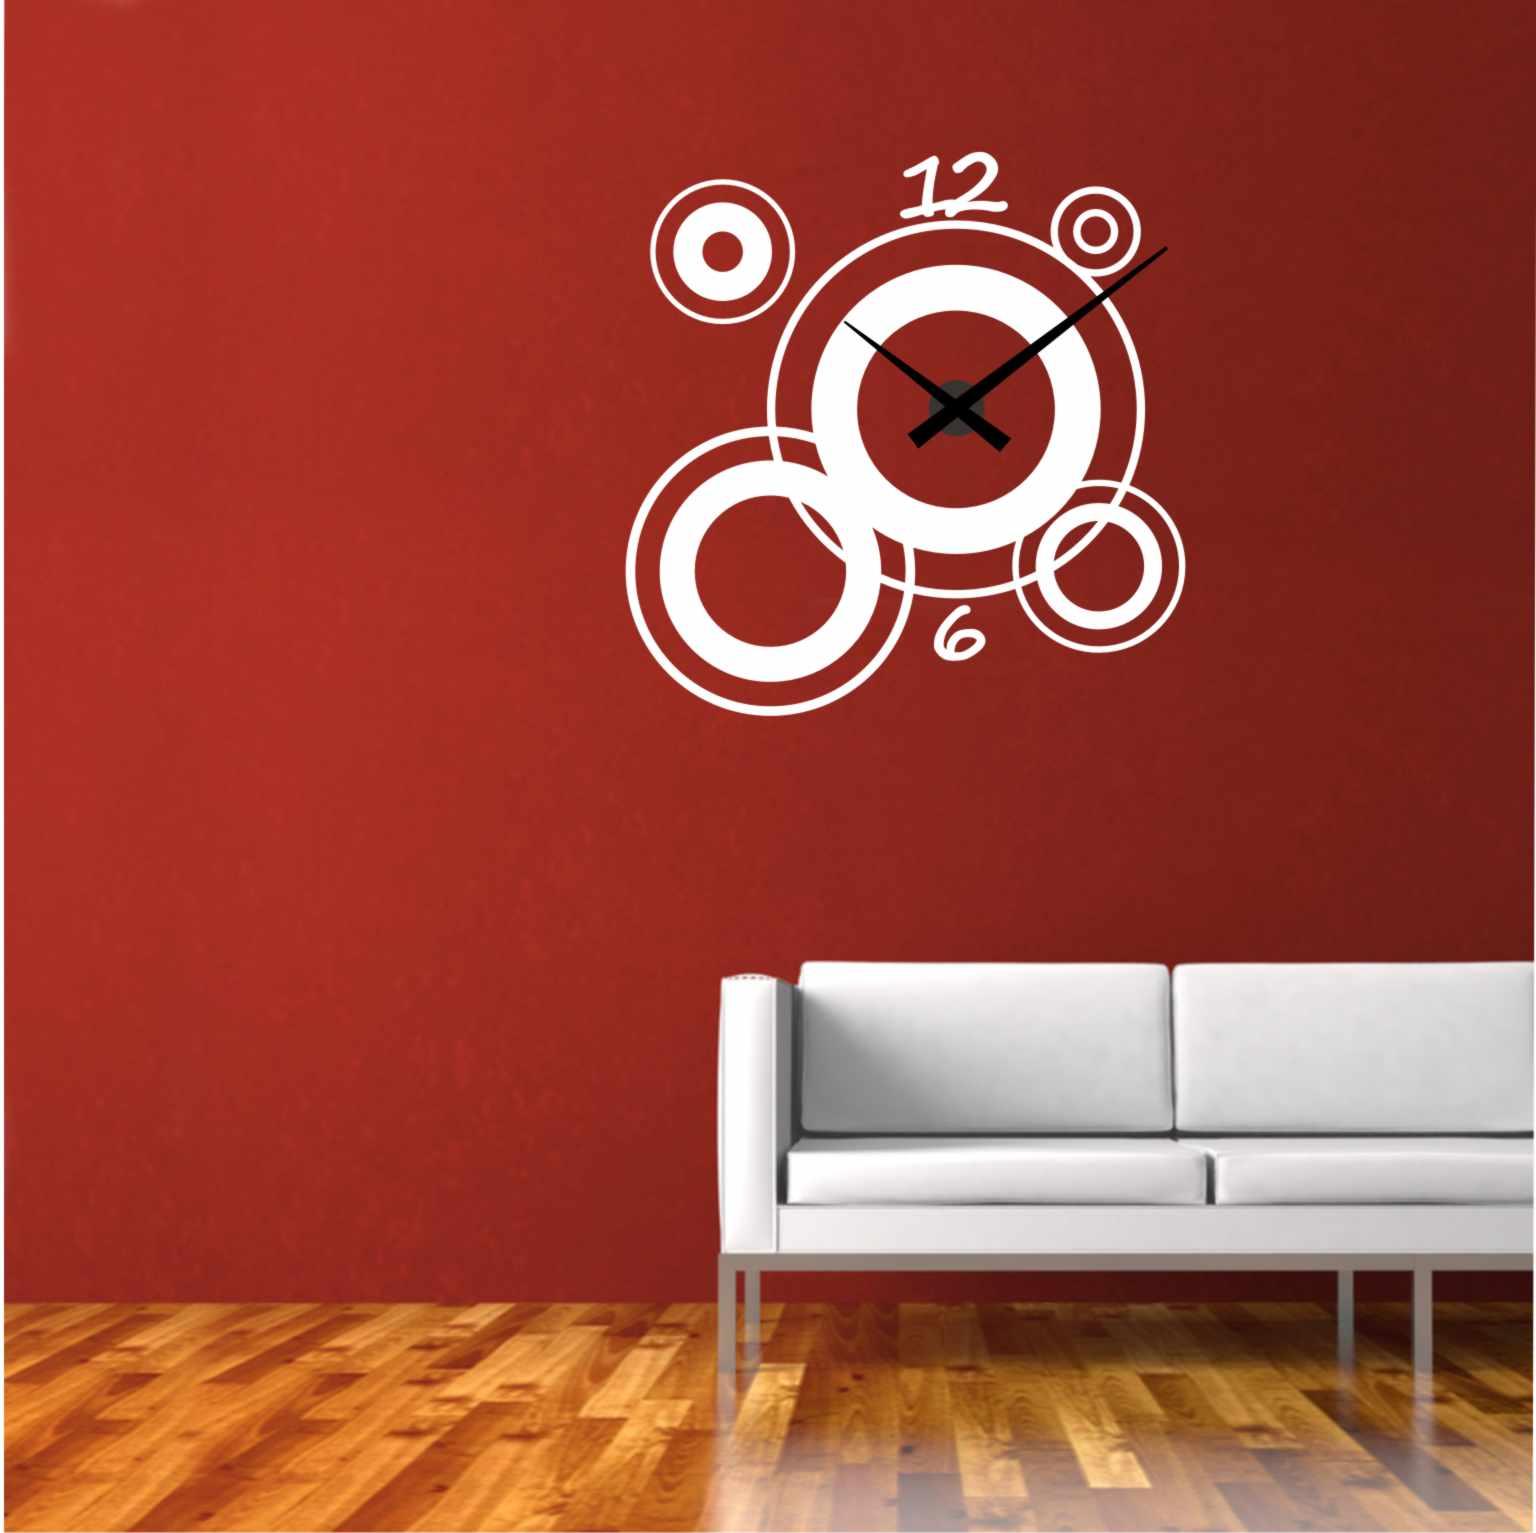 Relojesyvinilos reloj de pared moderno c rculos - Relojes decorativos de pared ...